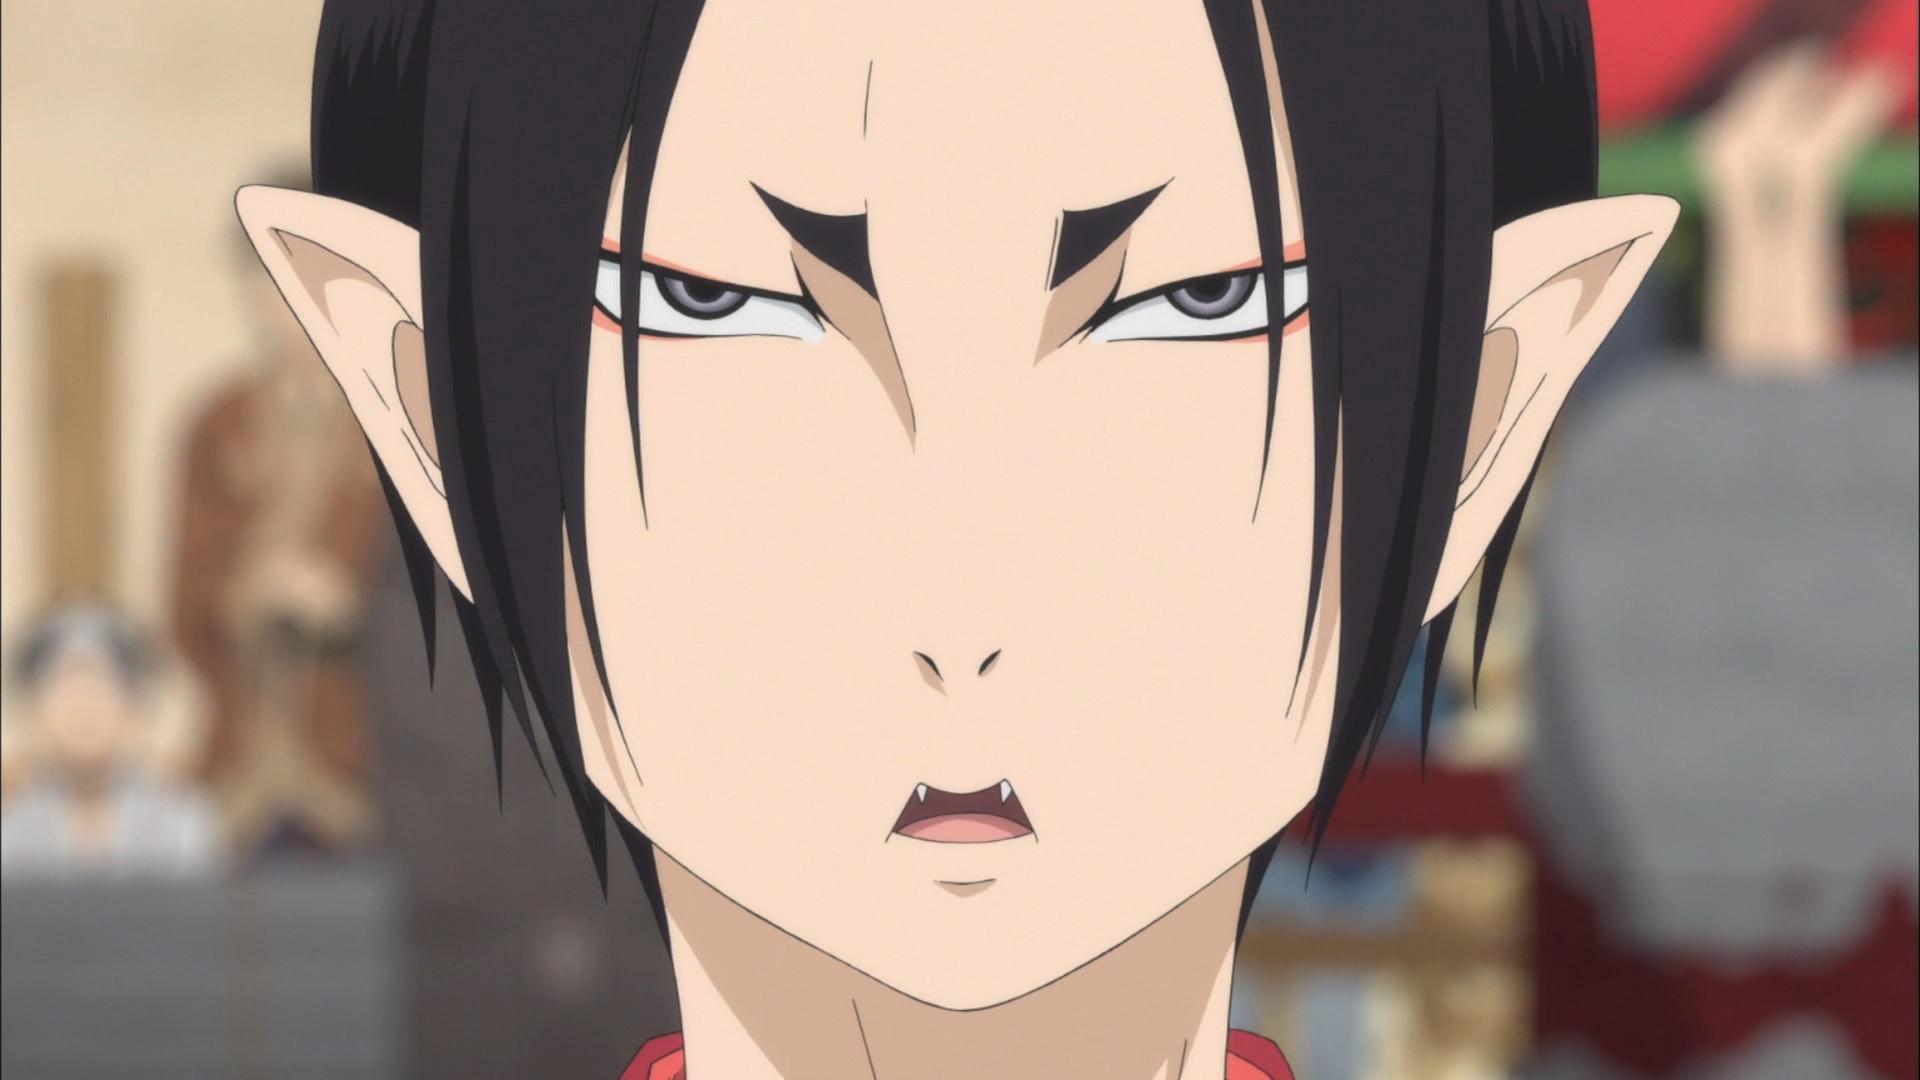 Hozuki, un administrador demoníaco, es todo un negocio en una escena del anime de televisión Coolheadedness de Hozuki.